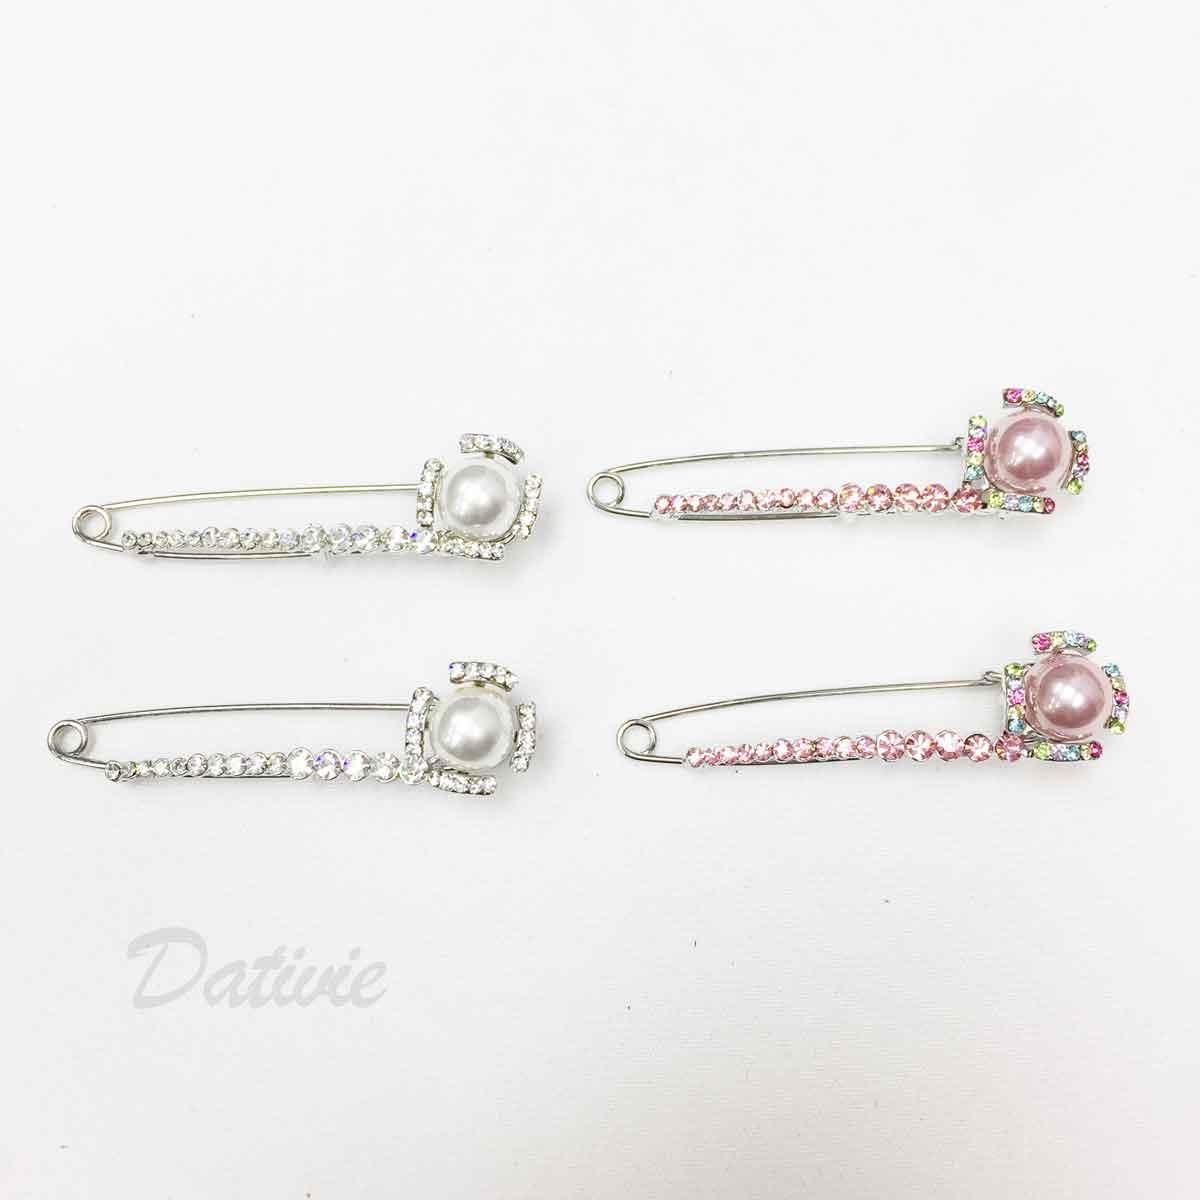 珍珠 彩色水鑽 白鑽 別針造型 兩色 二入一組 胸針